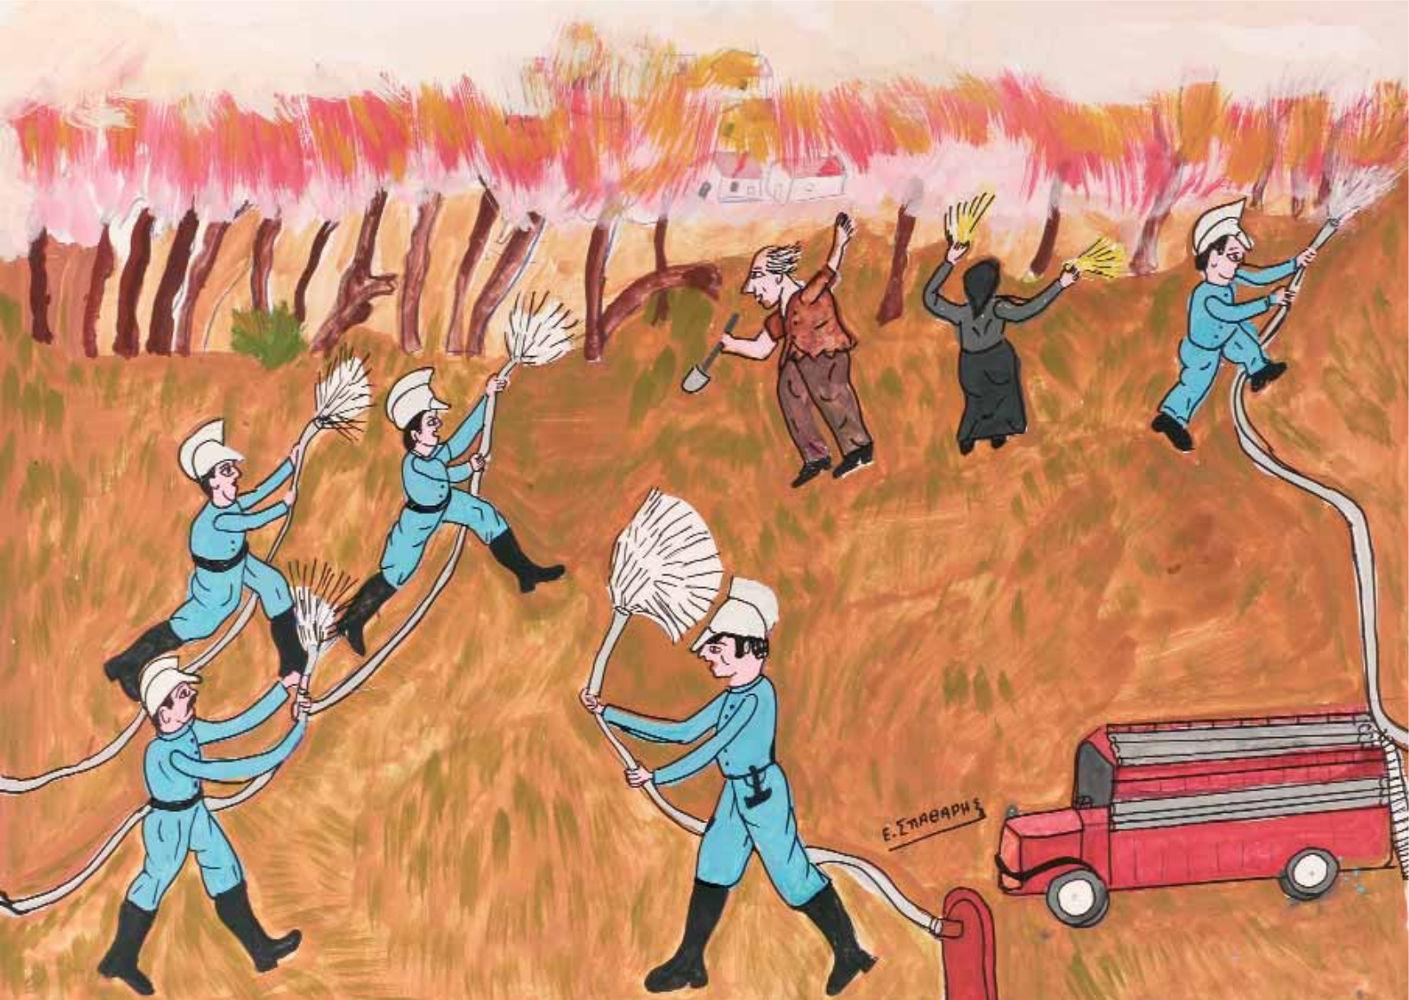 «Ο Καραγκιόζης πυροσβέστης», ακρυλικό σε χαρτόνι, 50x70 εκ.